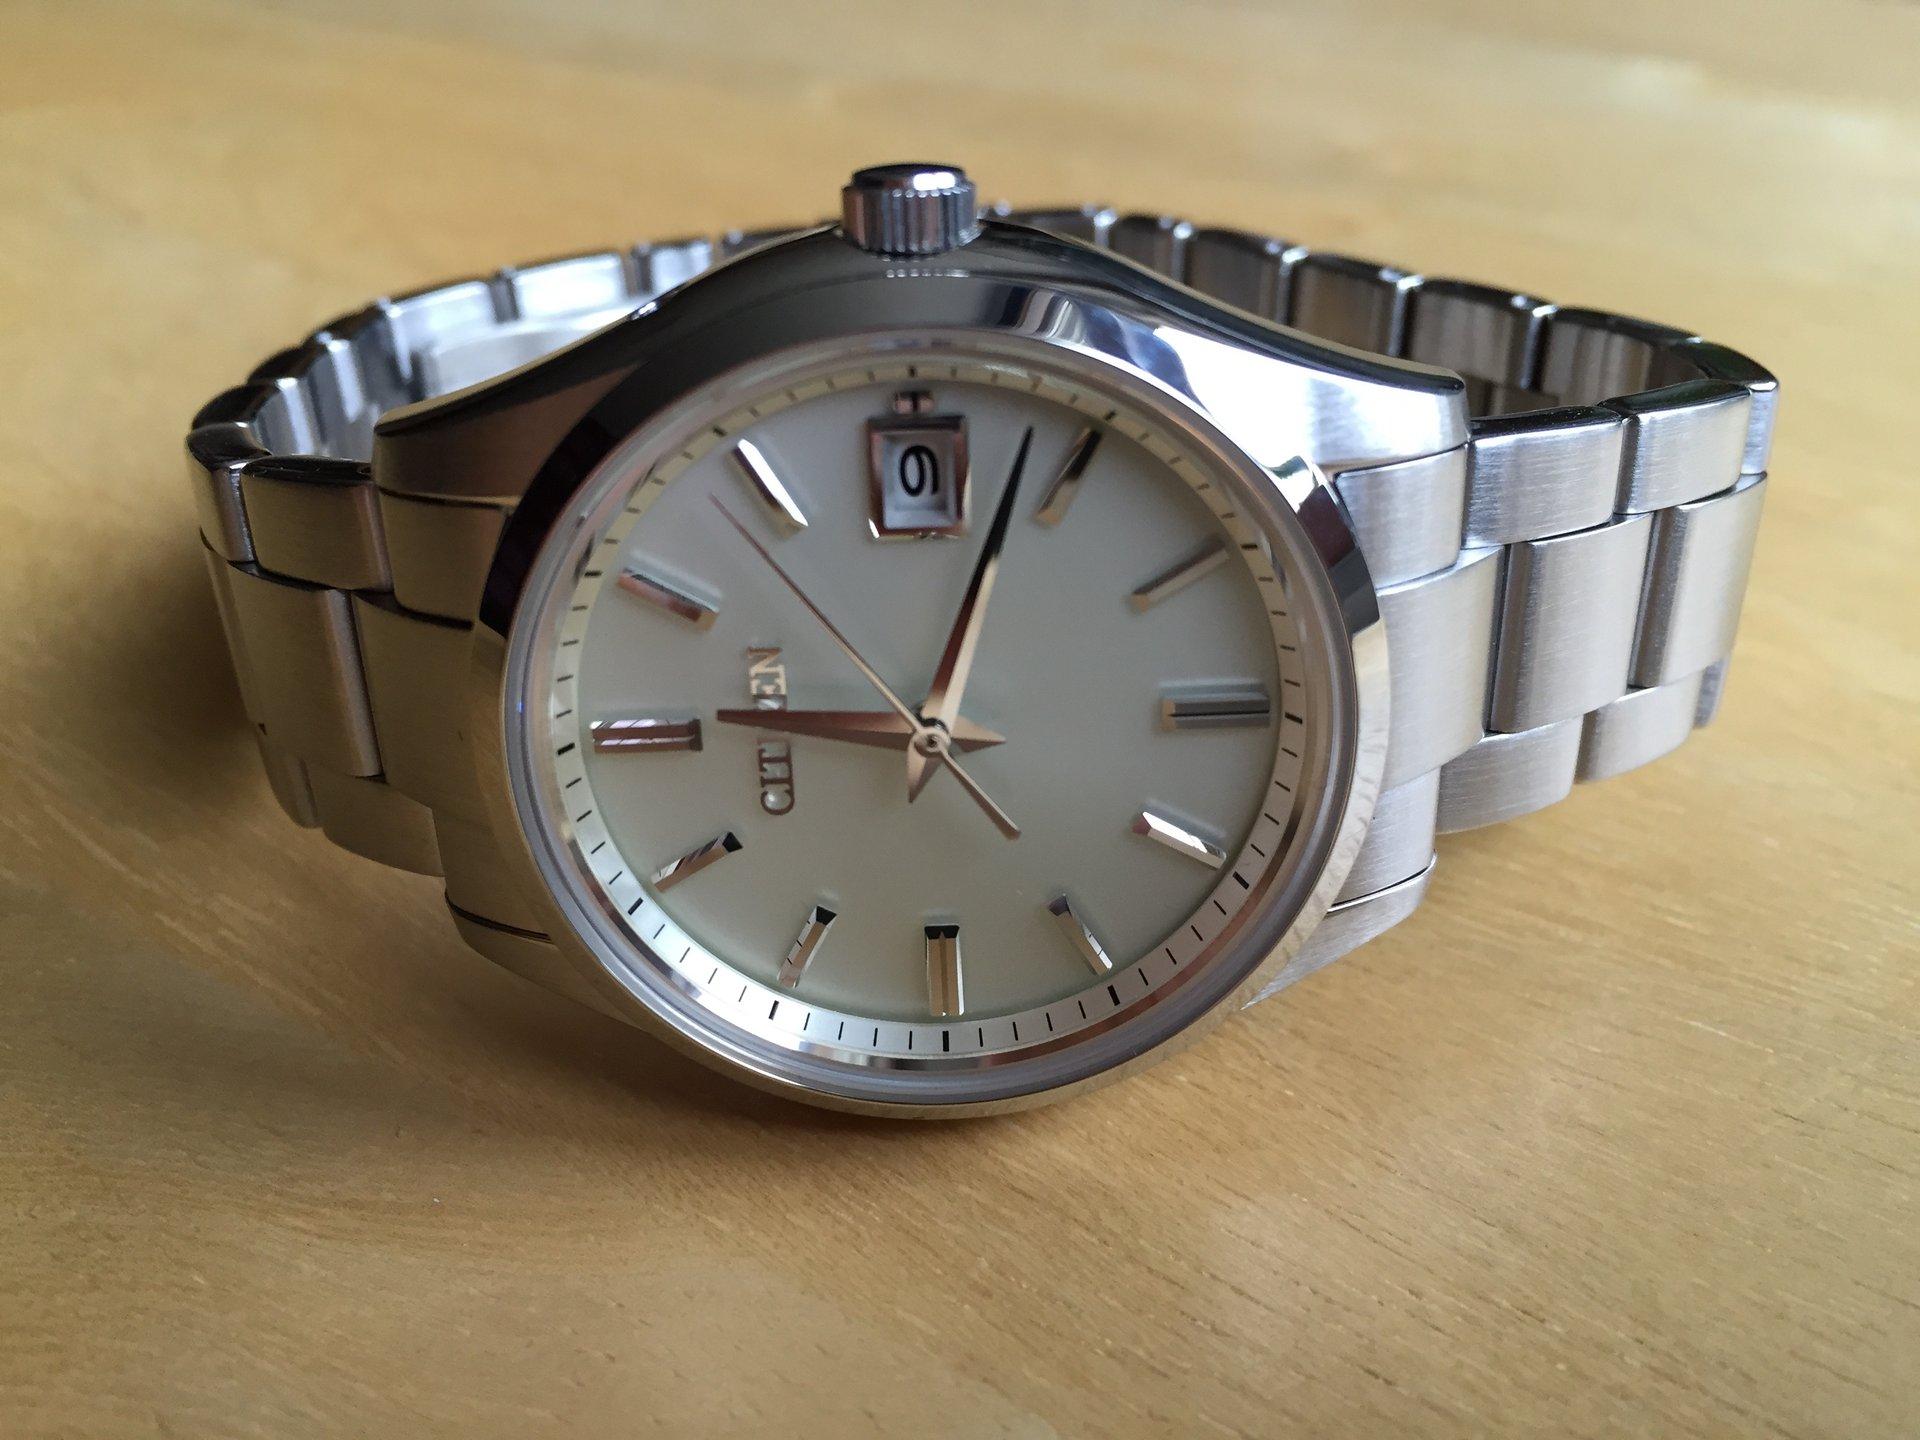 Citizen 21 jewels automatic watch serial nr  так, в частности, в seiko отсутствует мост автоподзавода и сам автоподзавод выполнен несколько иначе.